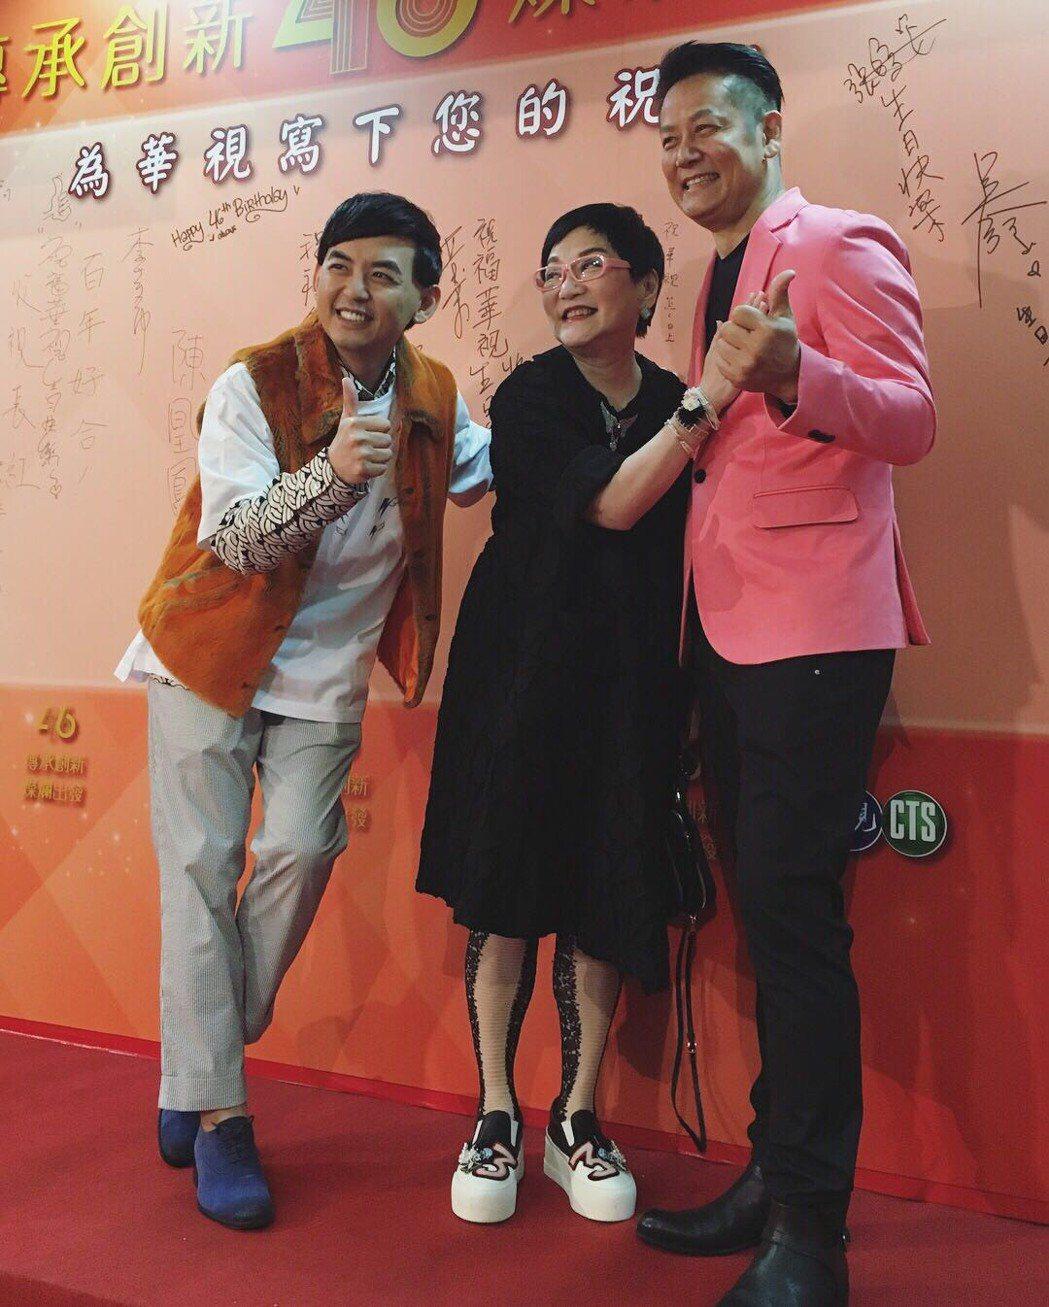 張小燕(中)、徐乃麟(右)和黃子佼當年是「綜藝萬花筒」三代主持人。圖/艾迪昇提供